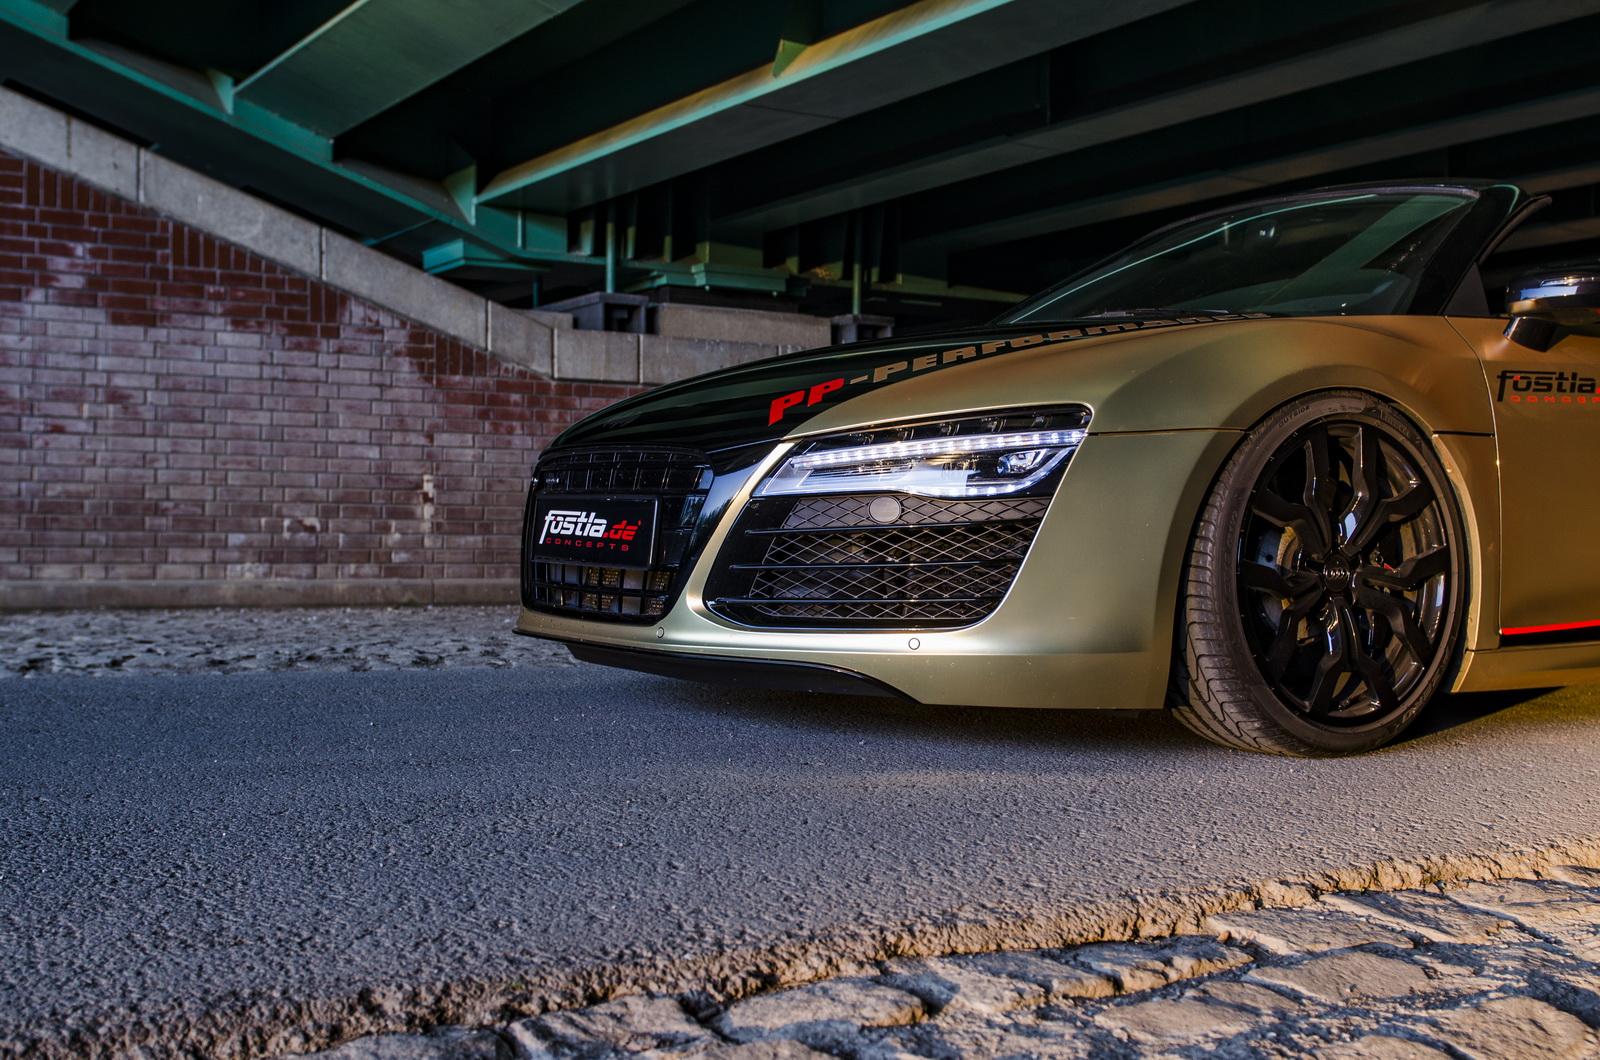 Audi R8 V10 Spyder by Fostla (7)